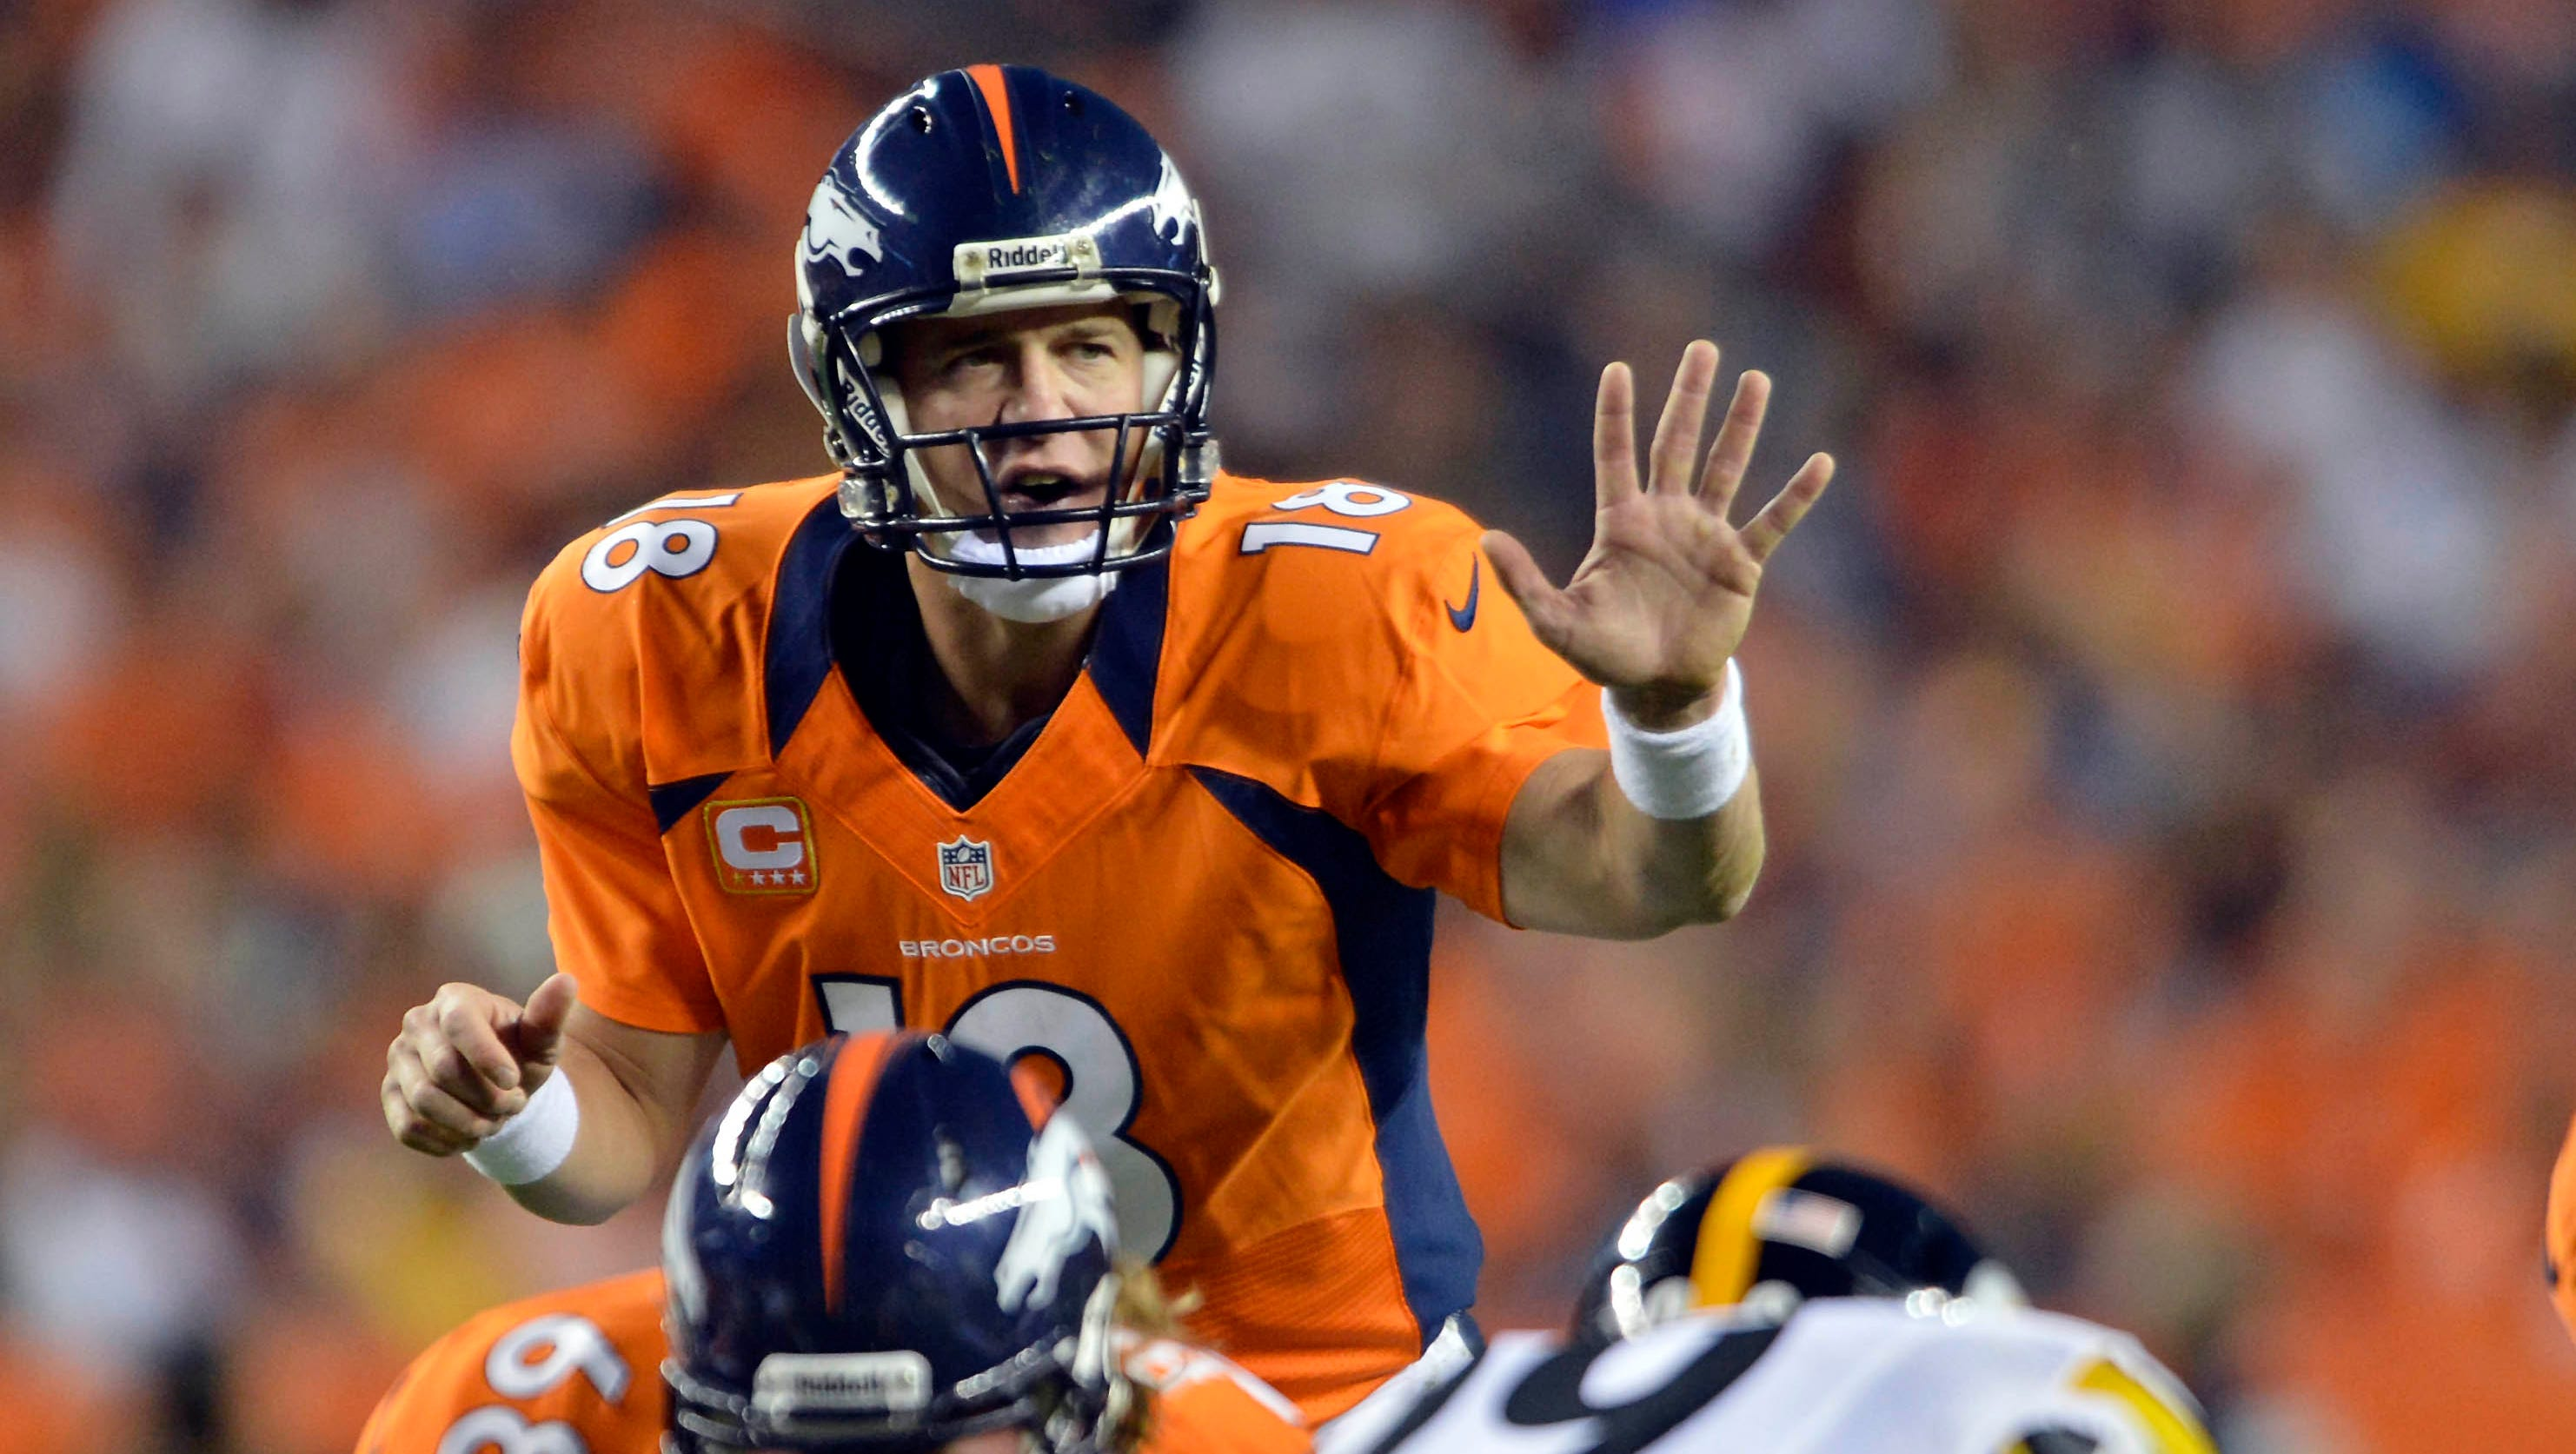 5. Peyton Manning, Denver Broncos